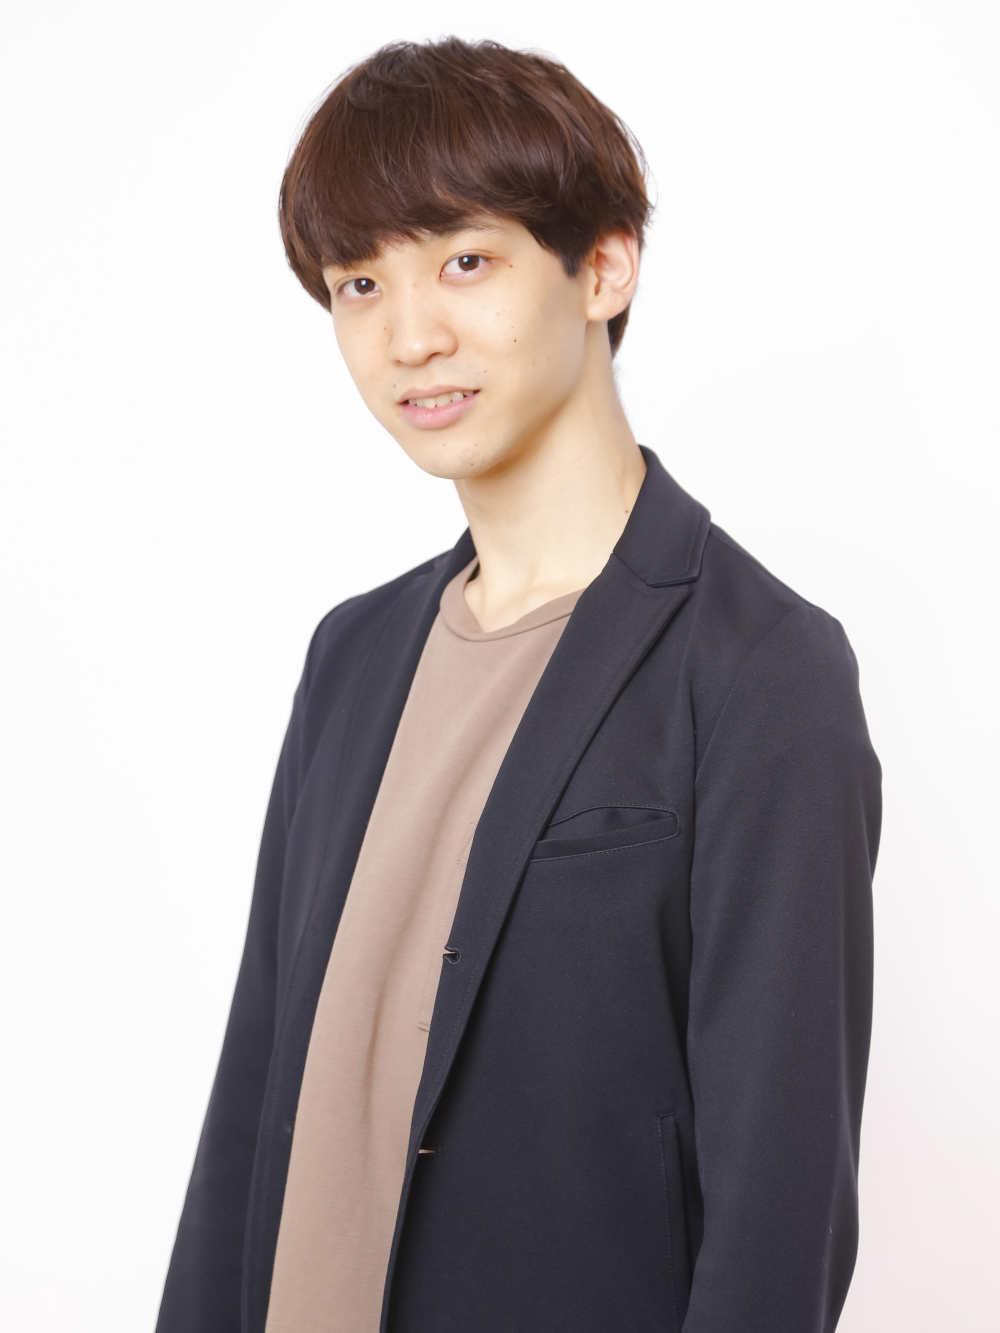 田中 幸介